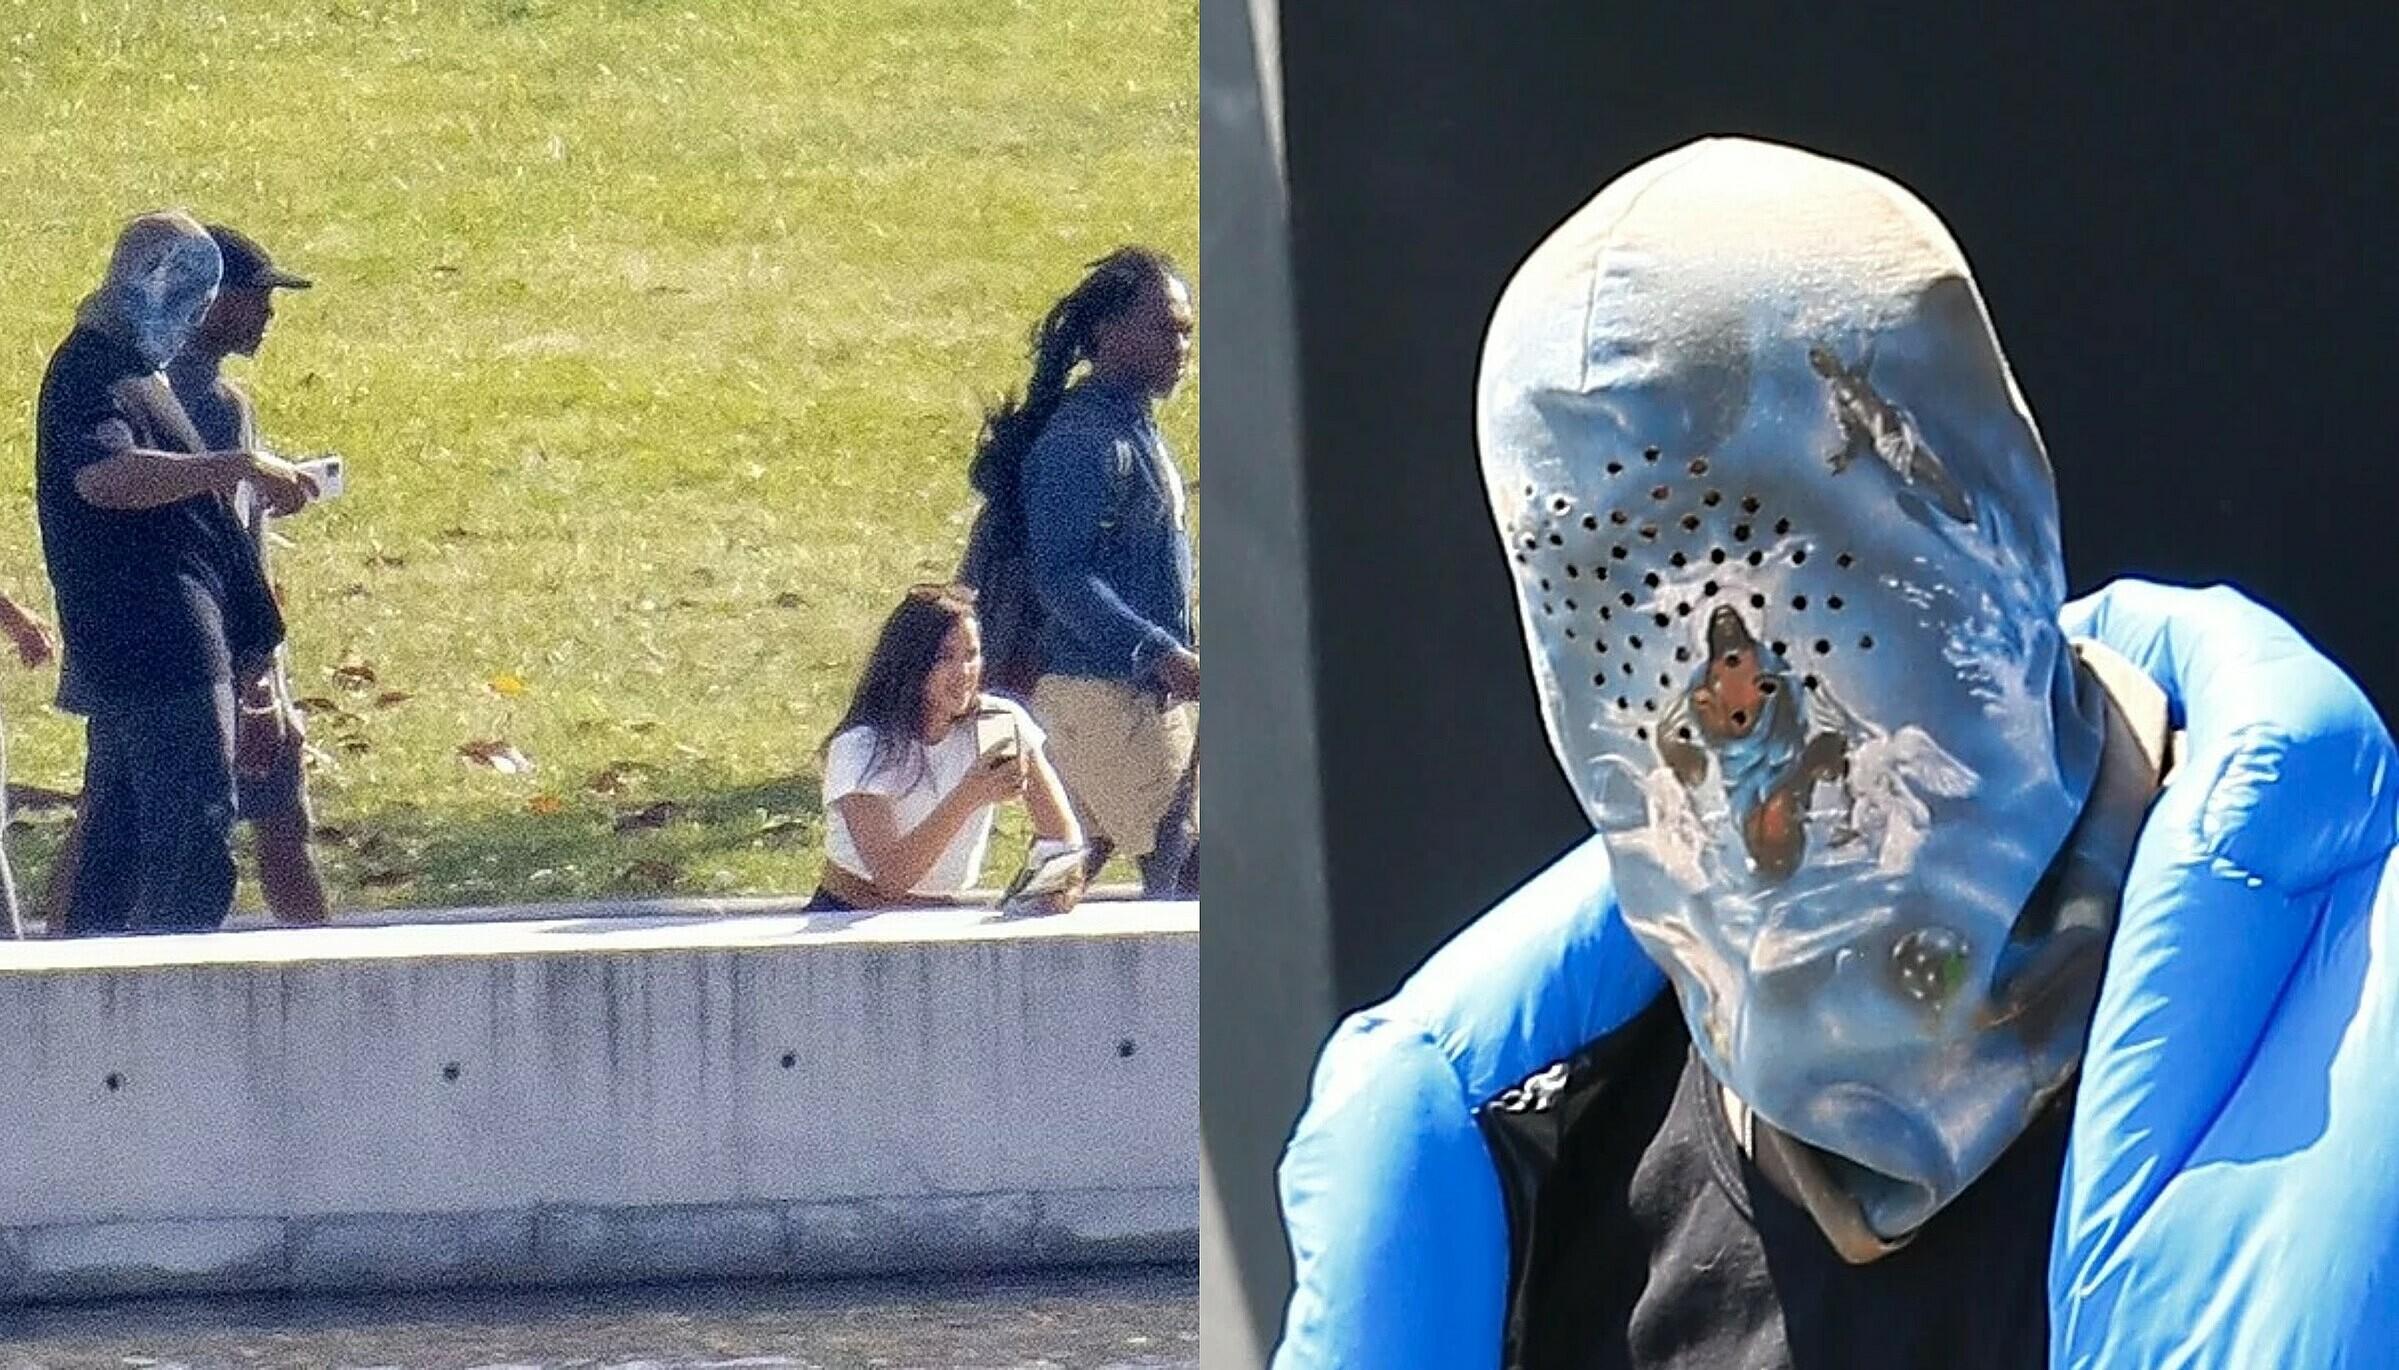 Kanye West đội khăn trùm đầu, đứng chụp ảnh Irina. Gần đây, Kanye chuộng phong cách bọc đầu kín bưng.